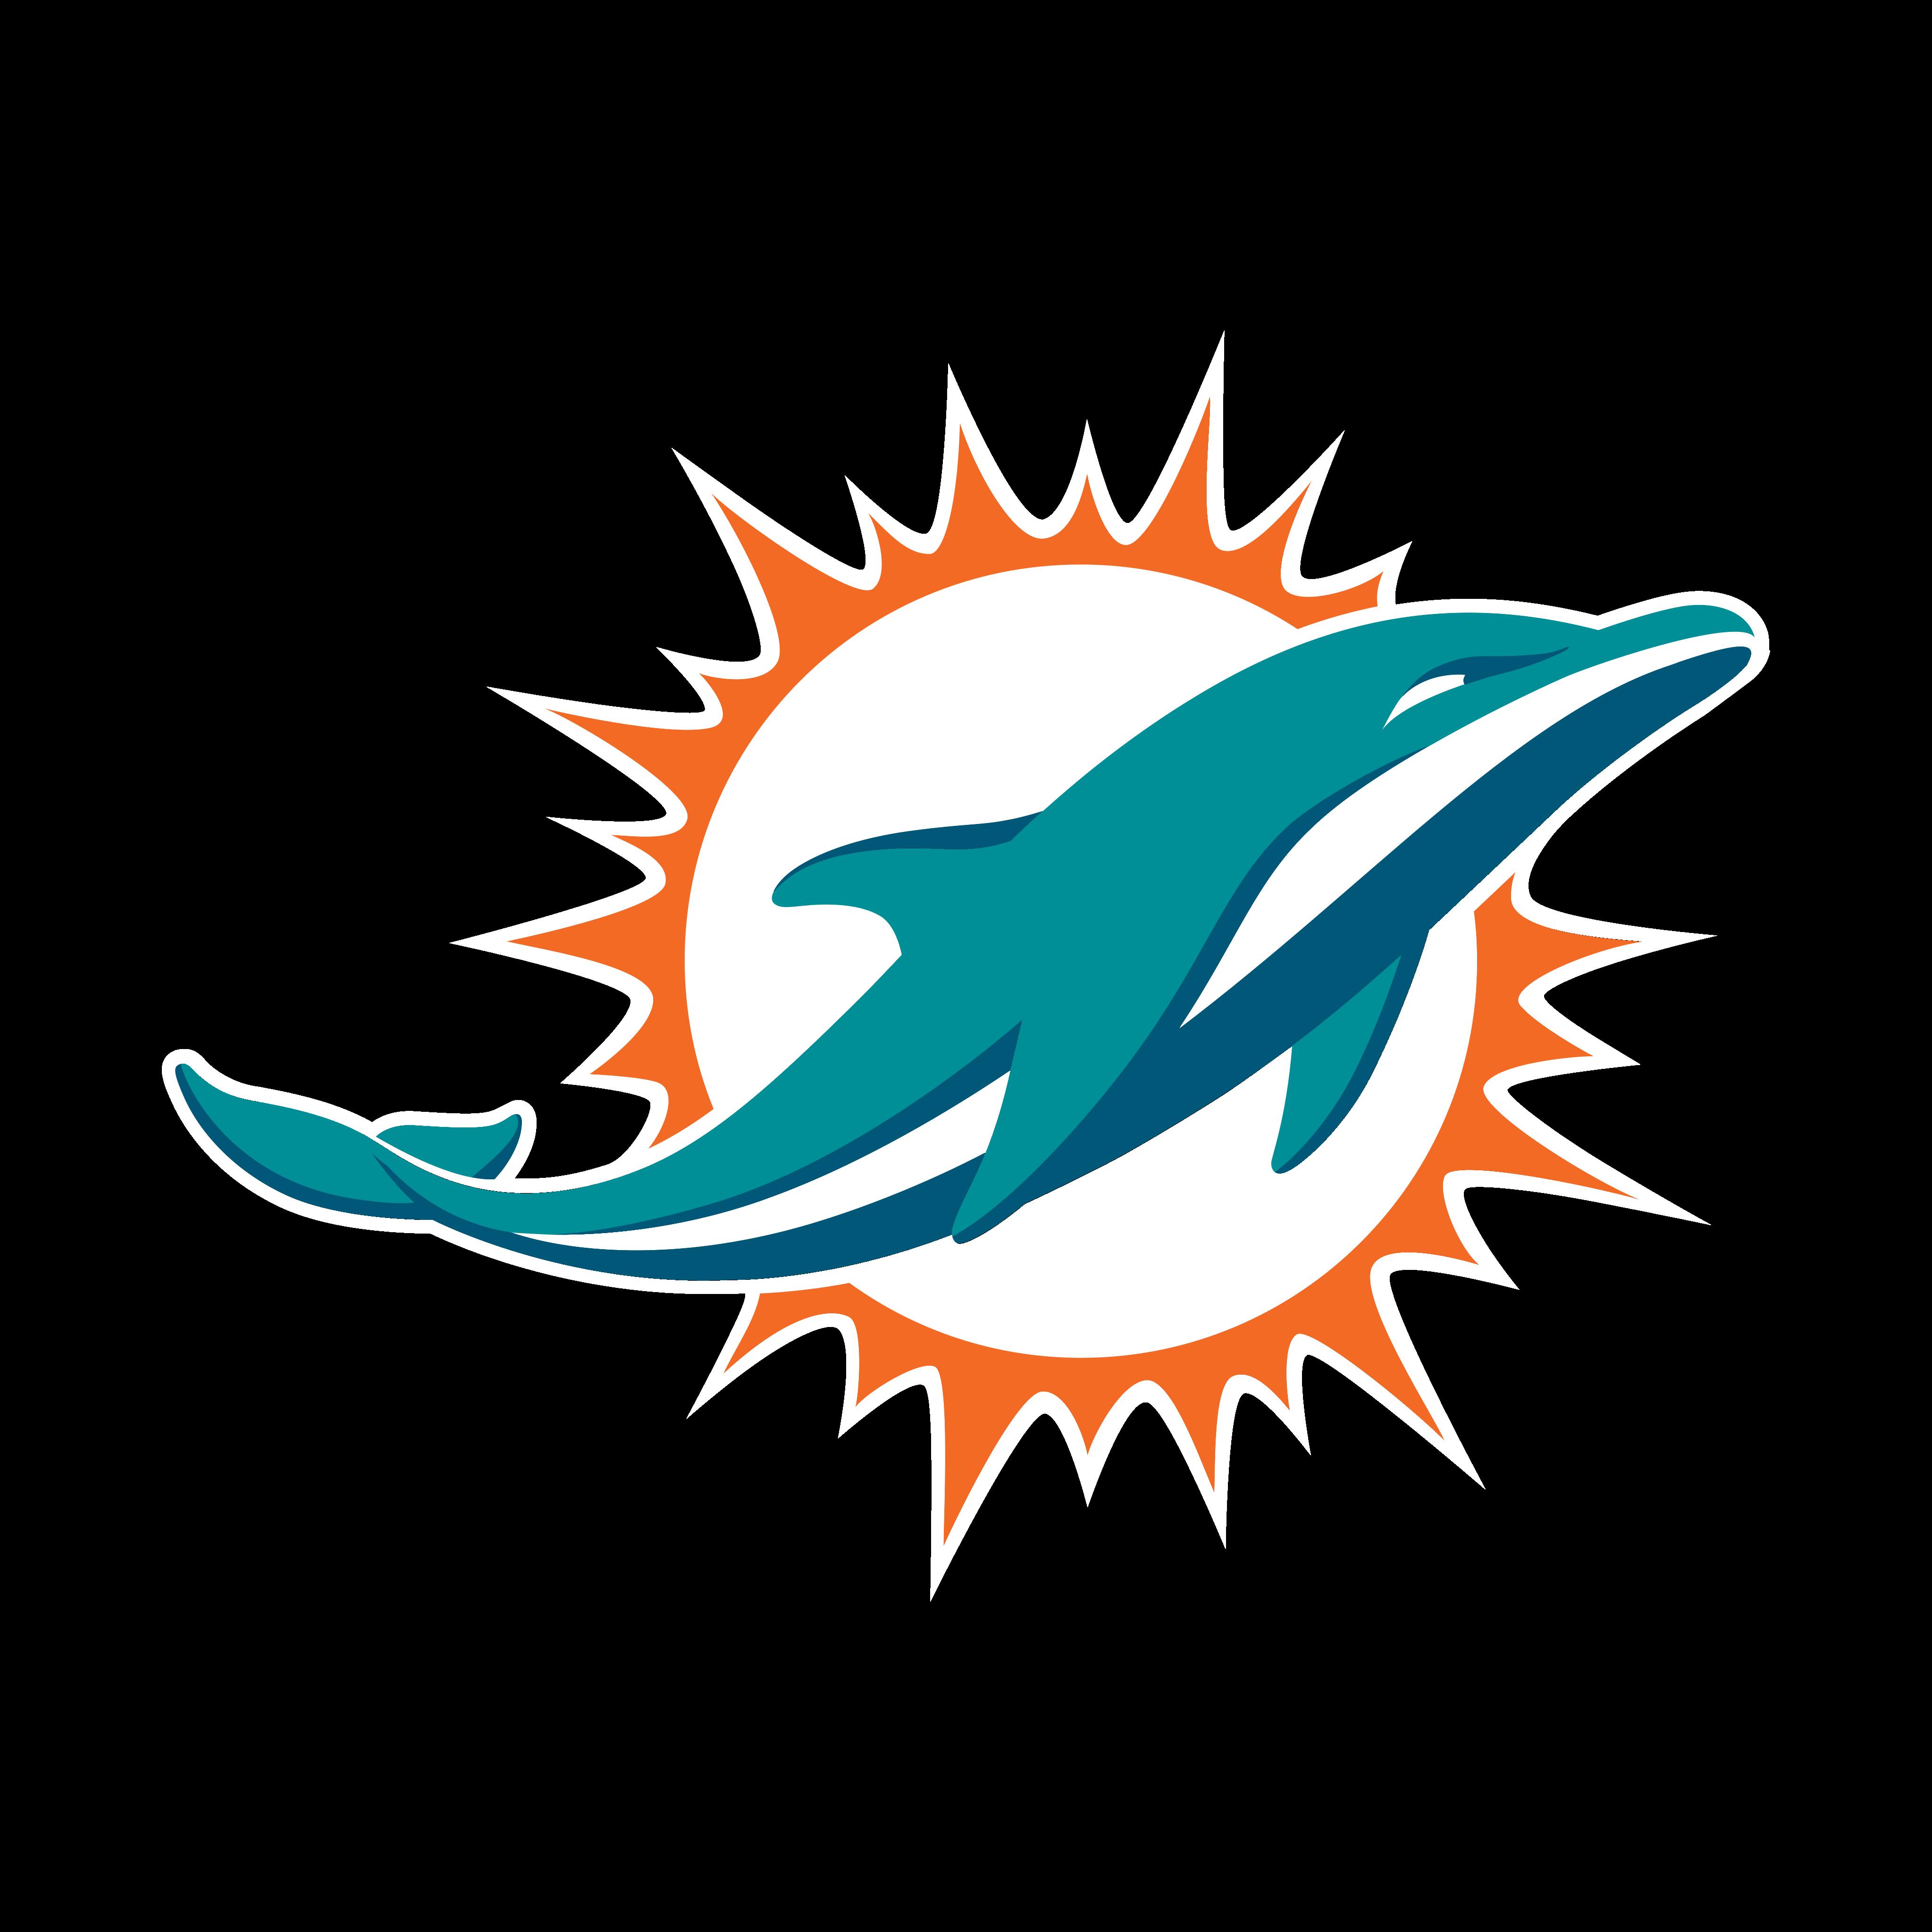 miami dolphins logo 0 - Miami Dolphins Logo